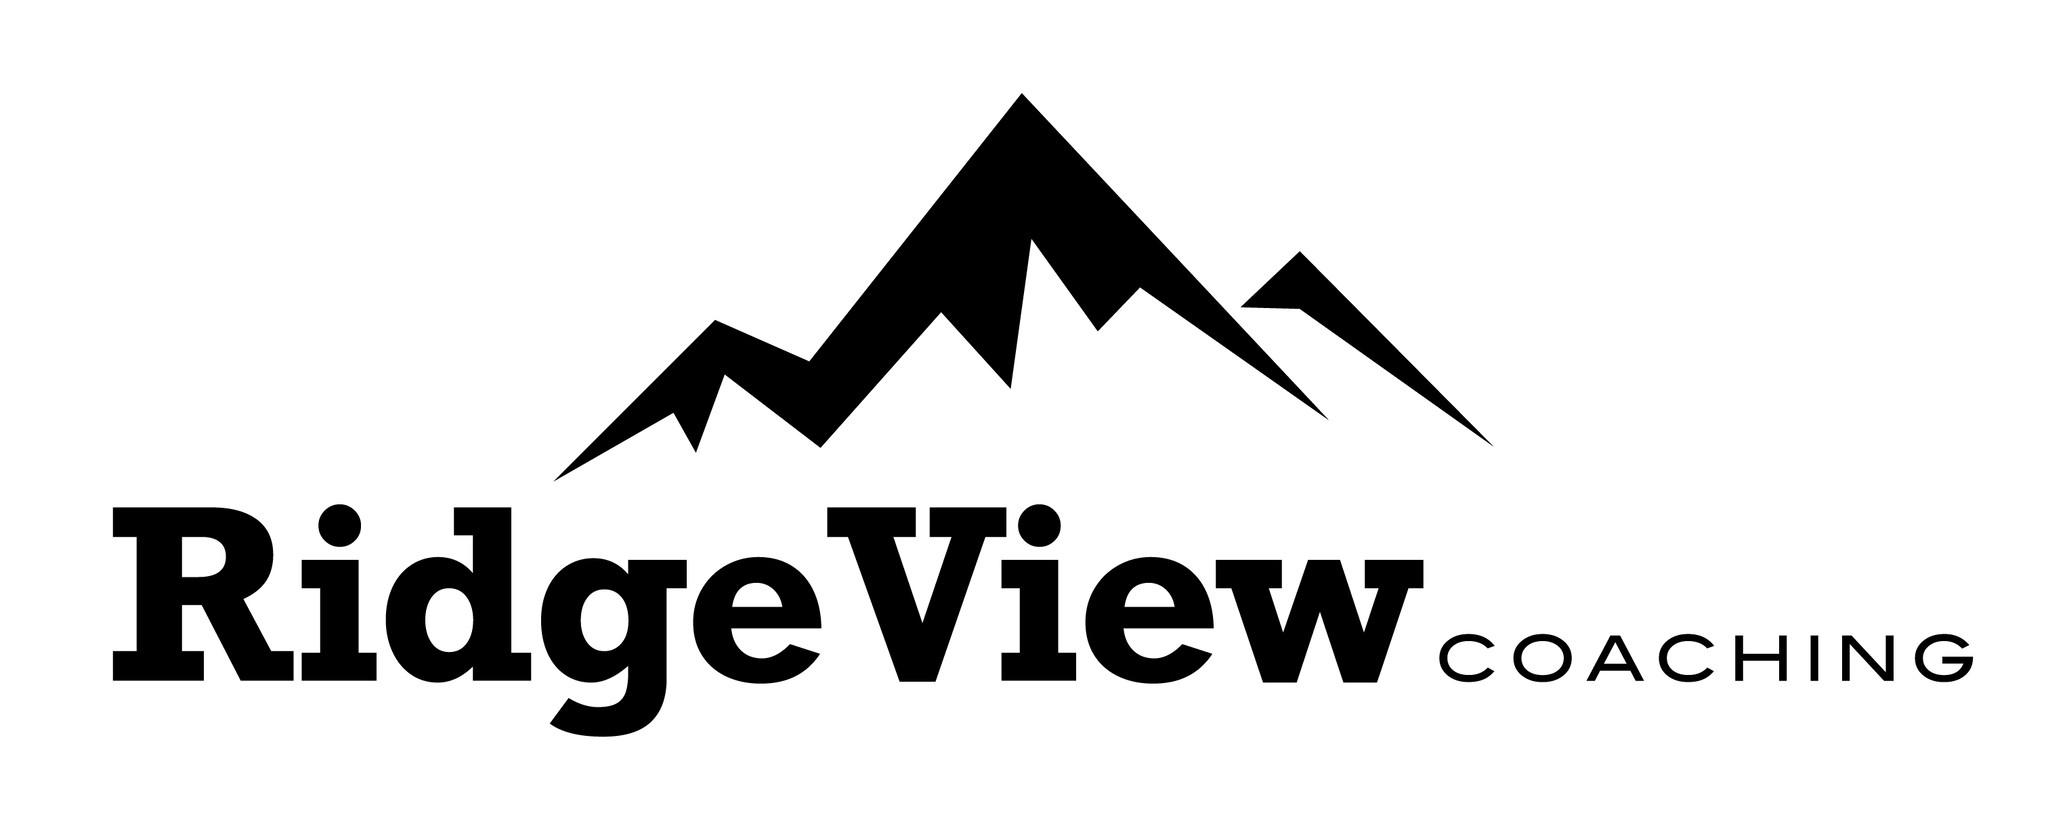 Ridge View Coaching